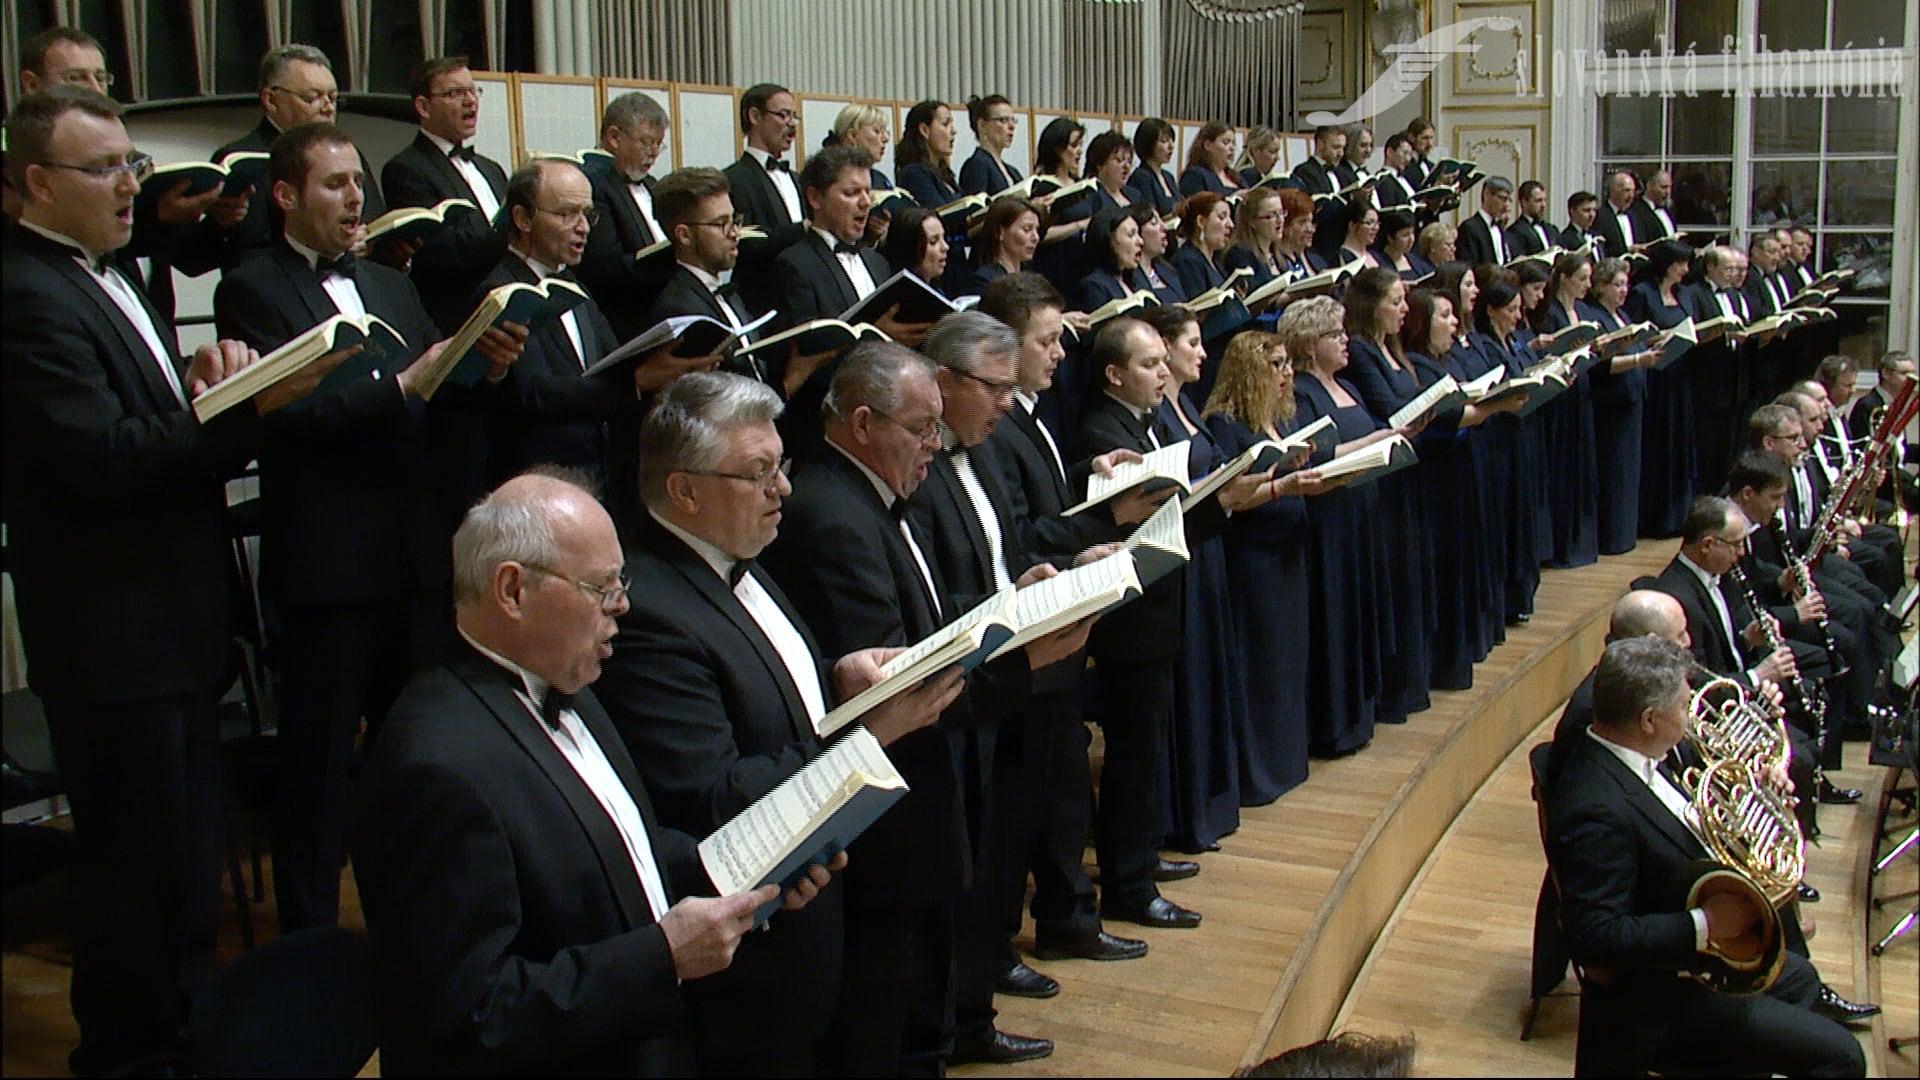 Felix Mendelssohn Bartholdy: Eliáš, oratórium